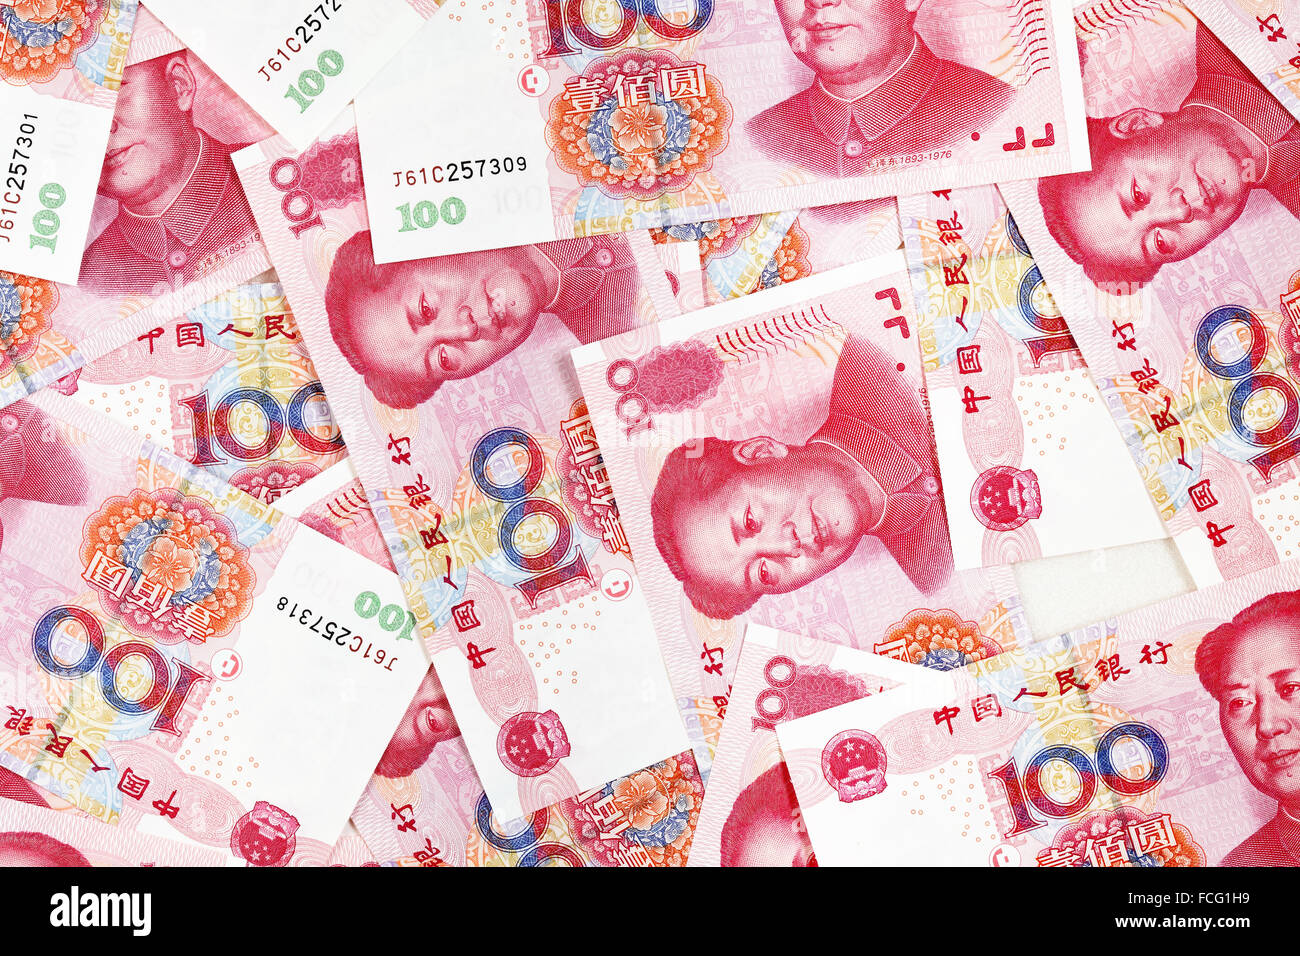 Chinese yuan banknotes close up - Stock Image